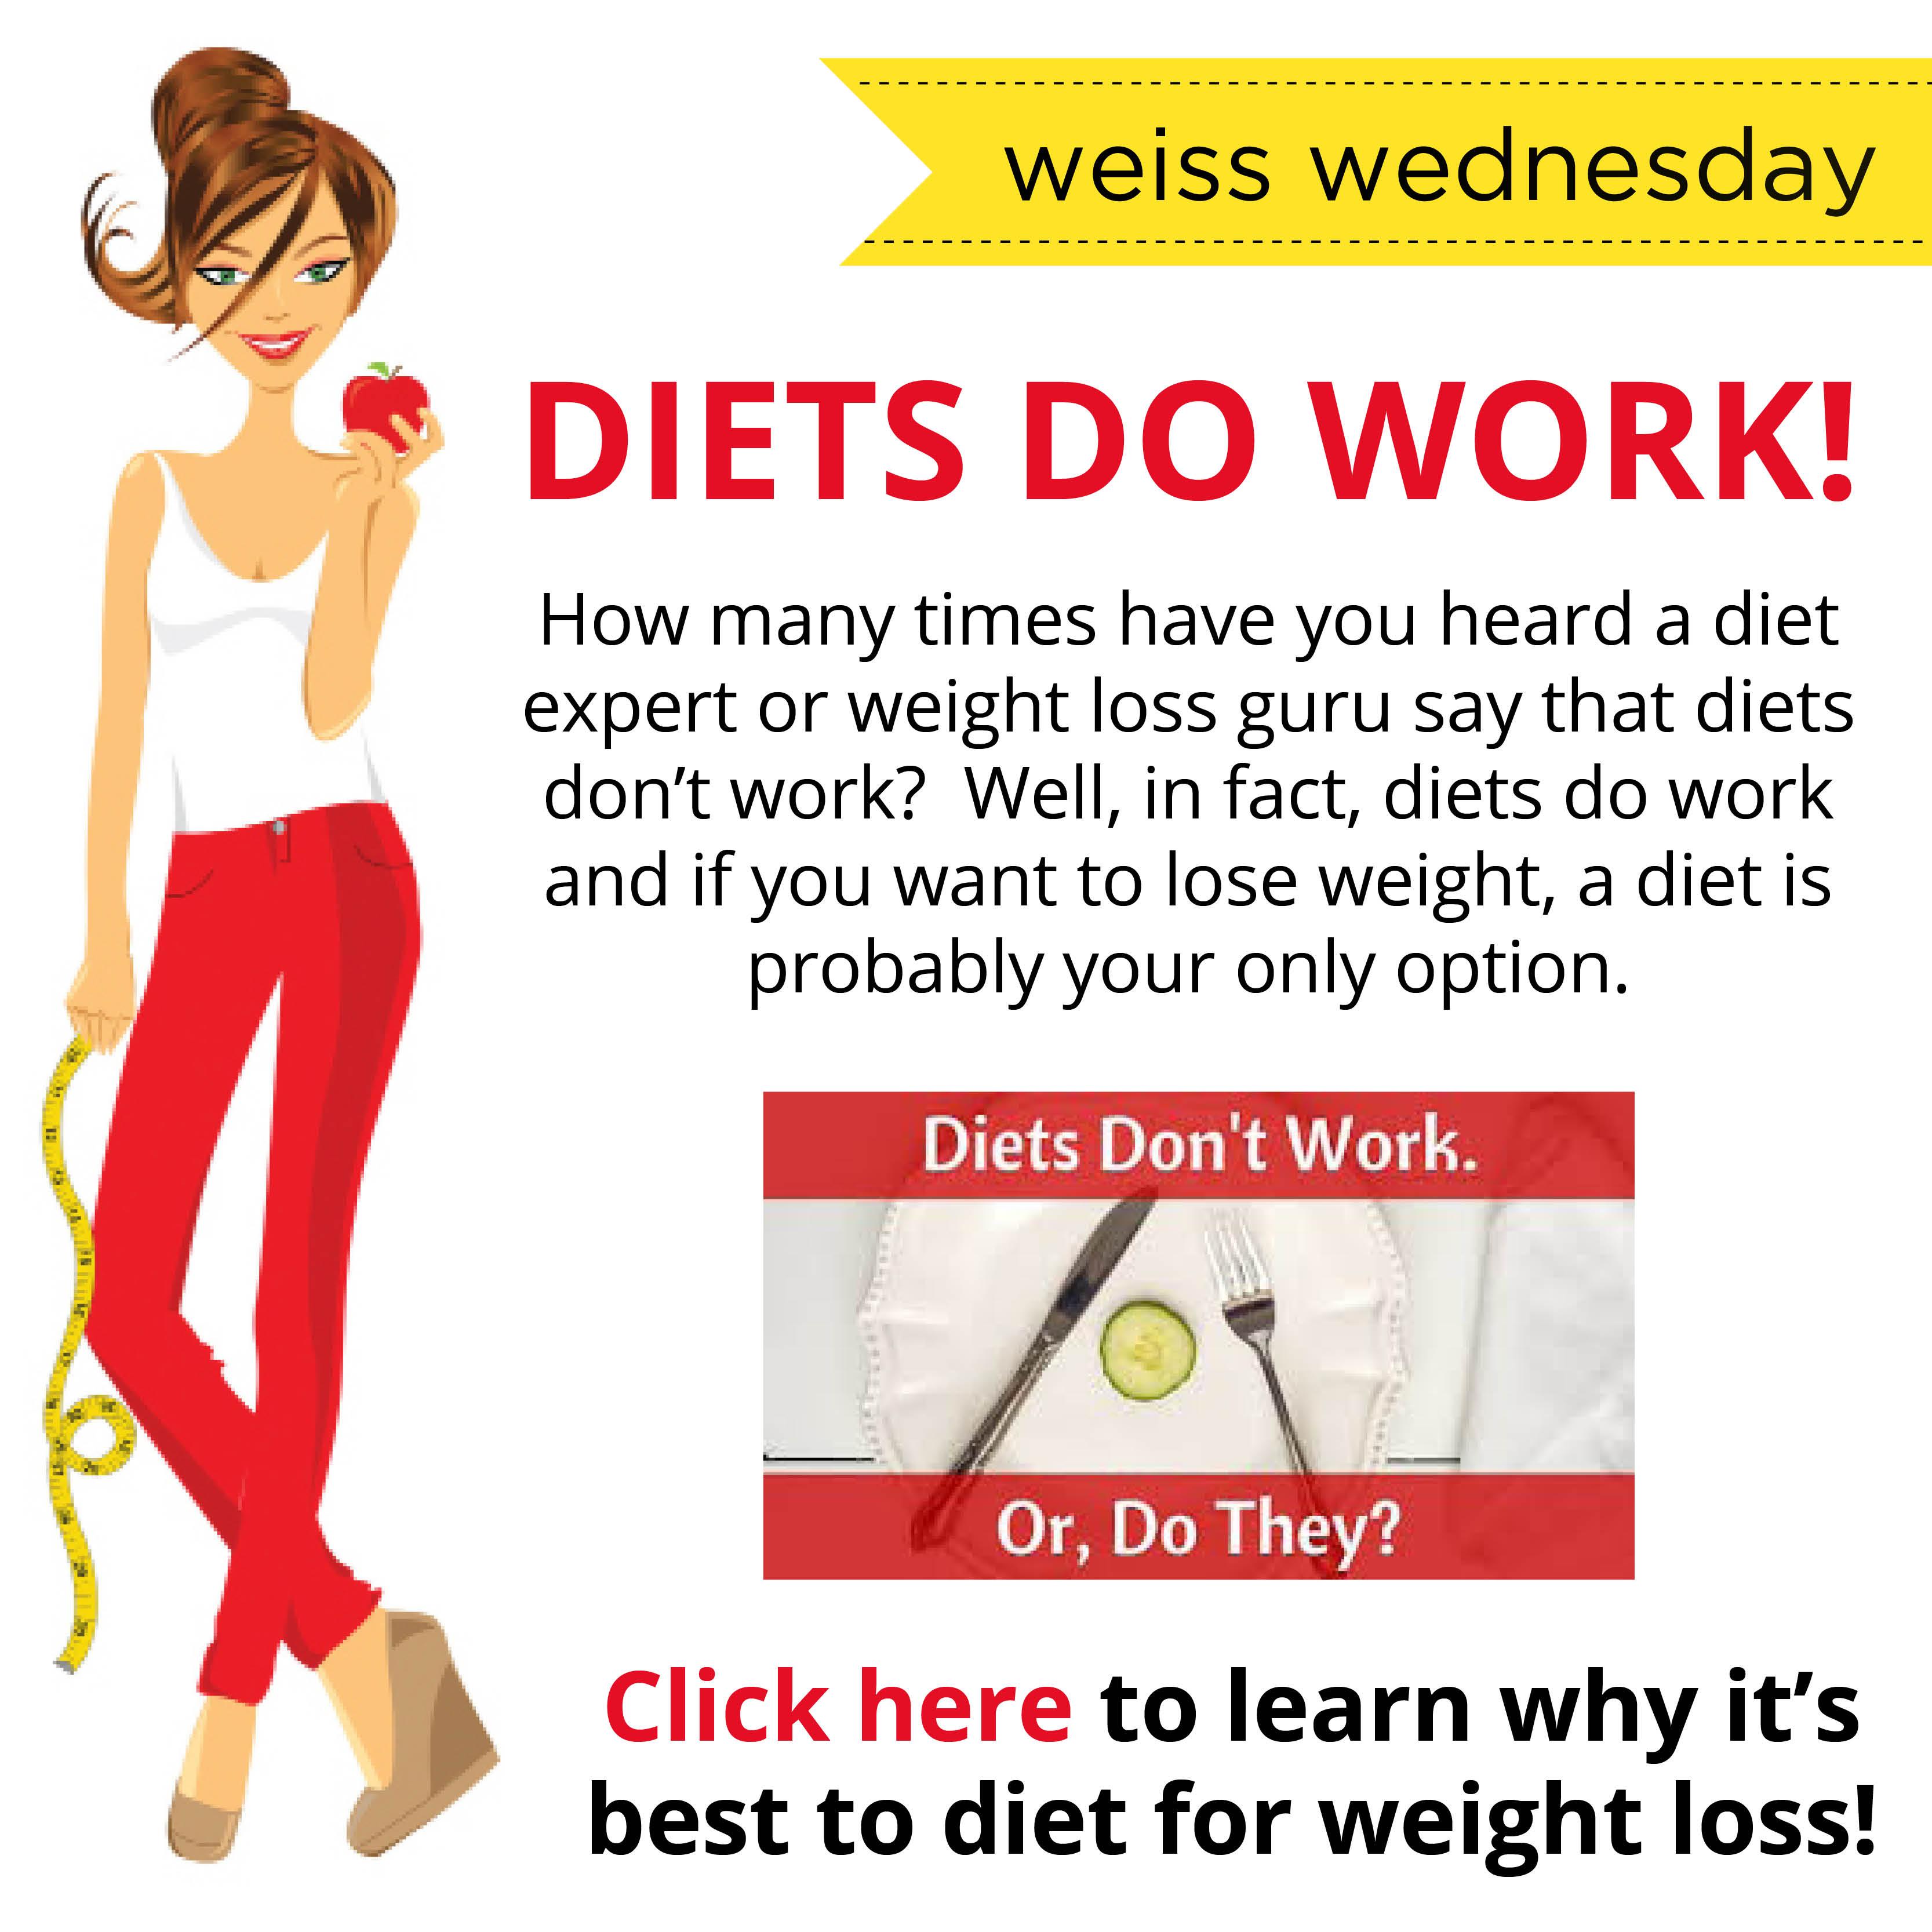 Diets DO Work! | Diet and Binge Eating Specialist Lyssa Weiss ...